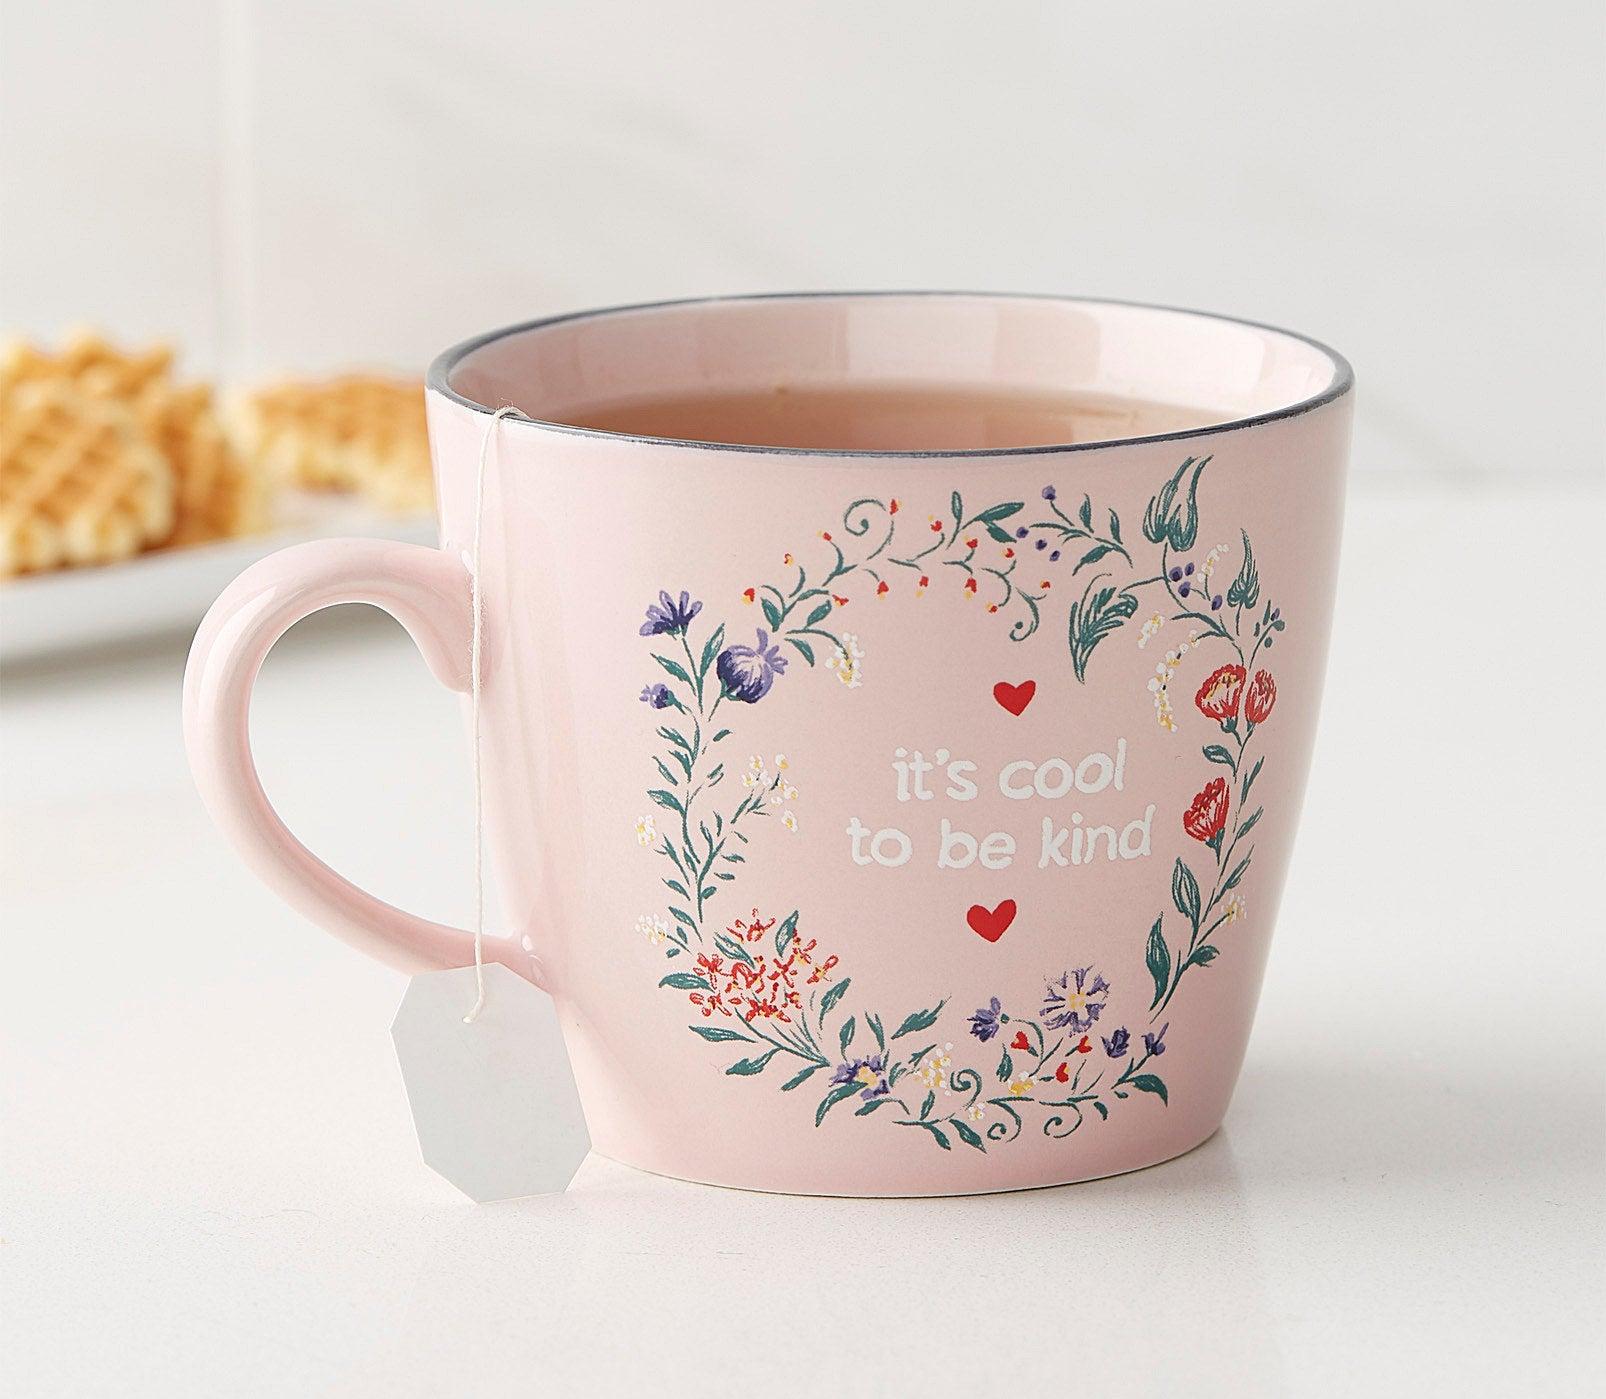 A short mug